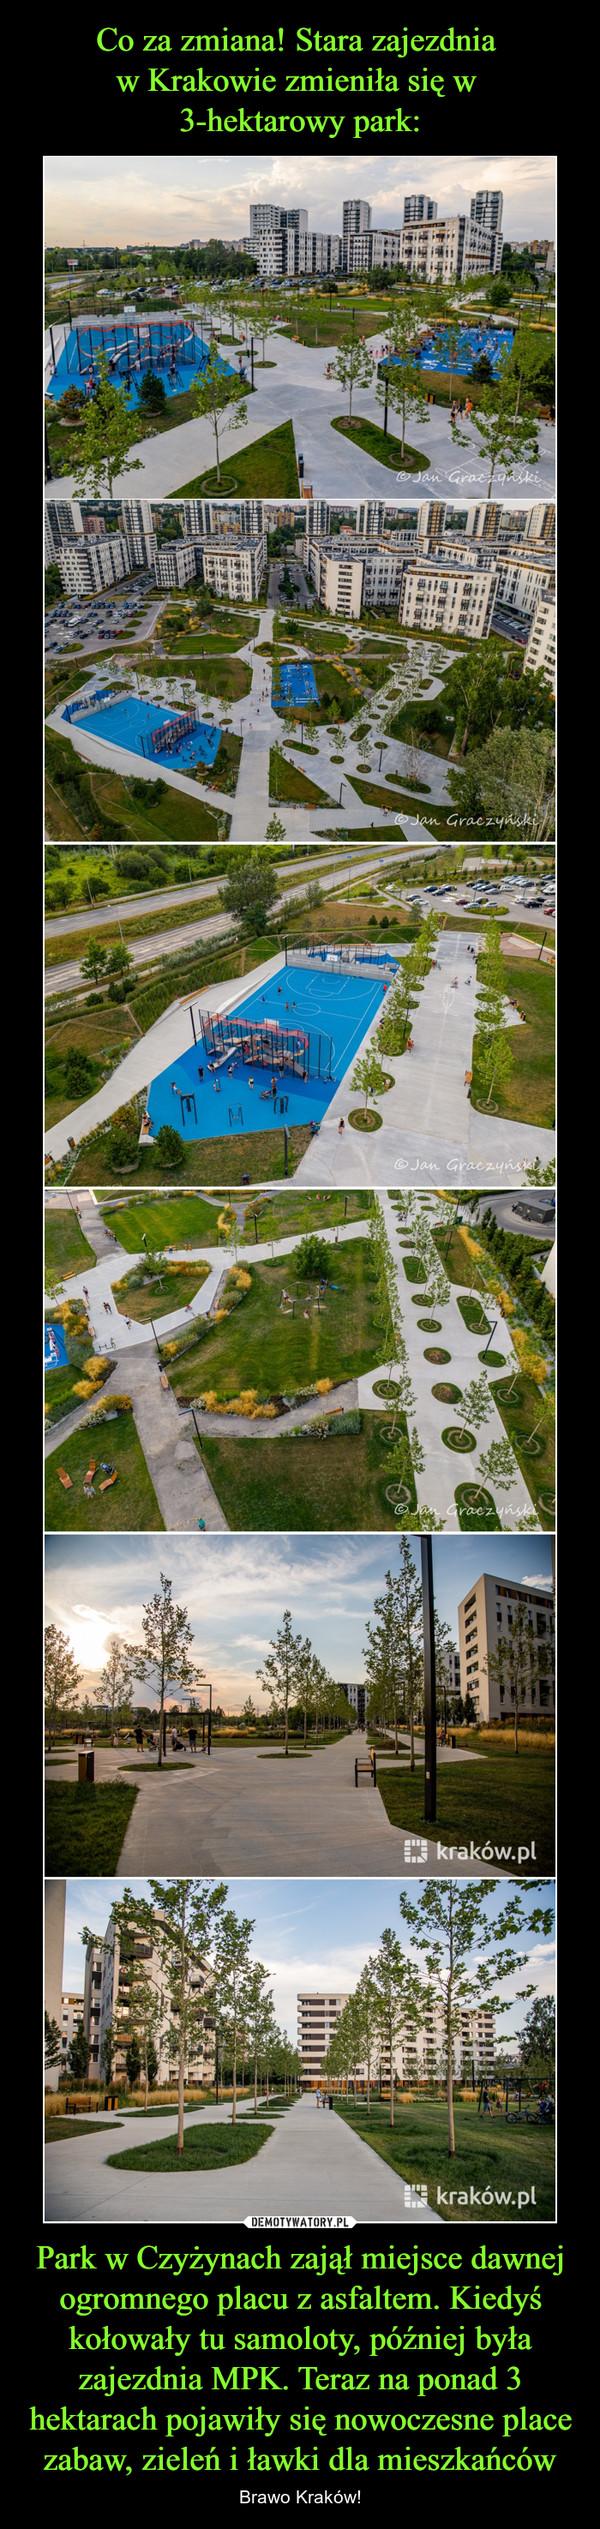 Park w Czyżynach zajął miejsce dawnej ogromnego placu z asfaltem. Kiedyś kołowały tu samoloty, później była zajezdnia MPK. Teraz na ponad 3 hektarach pojawiły się nowoczesne place zabaw, zieleń i ławki dla mieszkańców – Brawo Kraków!